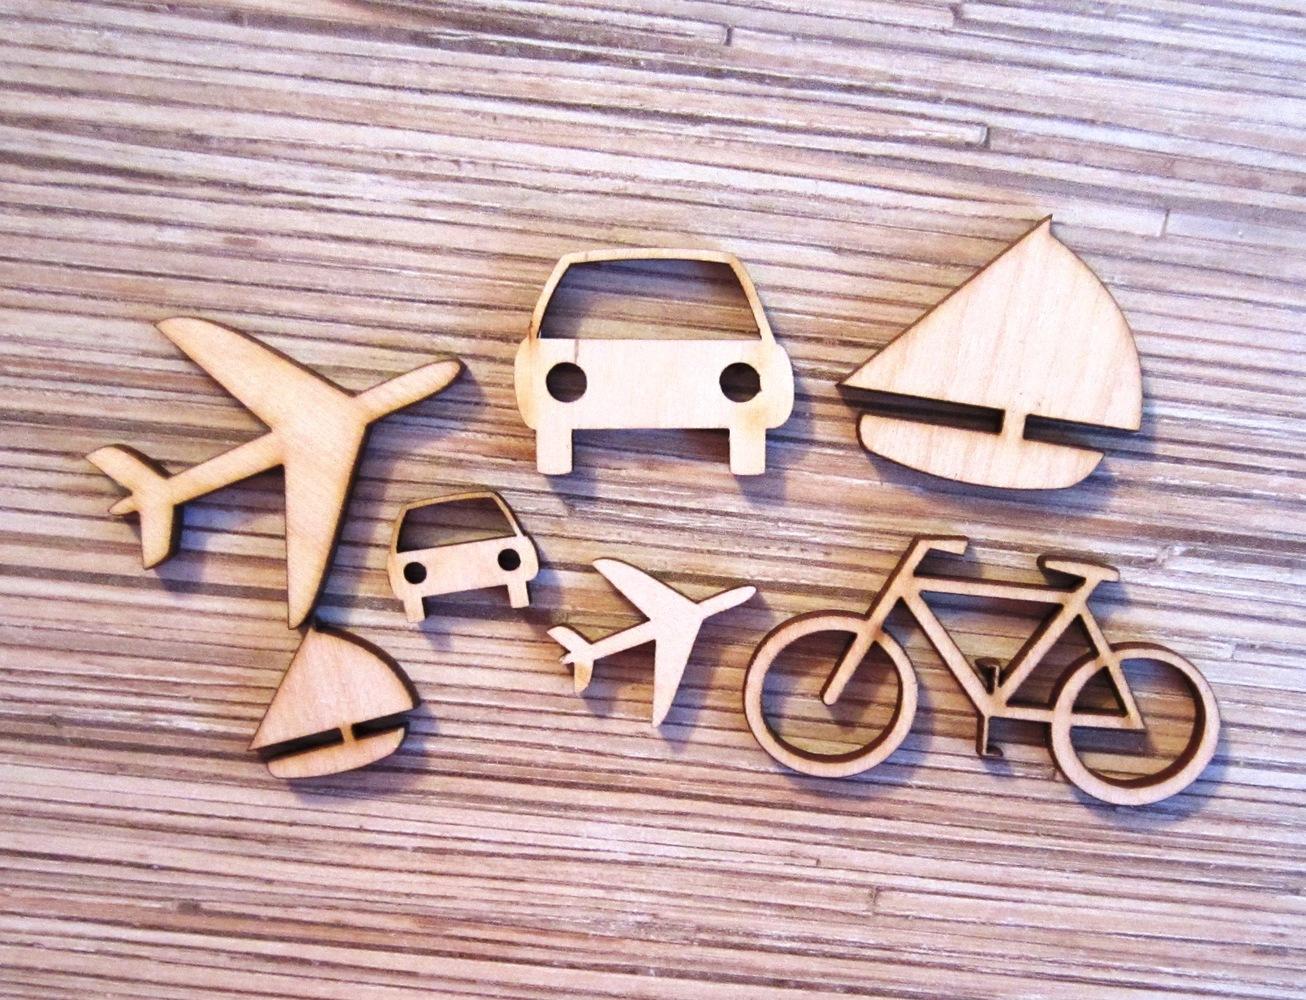 SmileDecor - развивающие игрушки и товары из дерева, заготовки для творчества, лазерная резка и гравировка по дереву